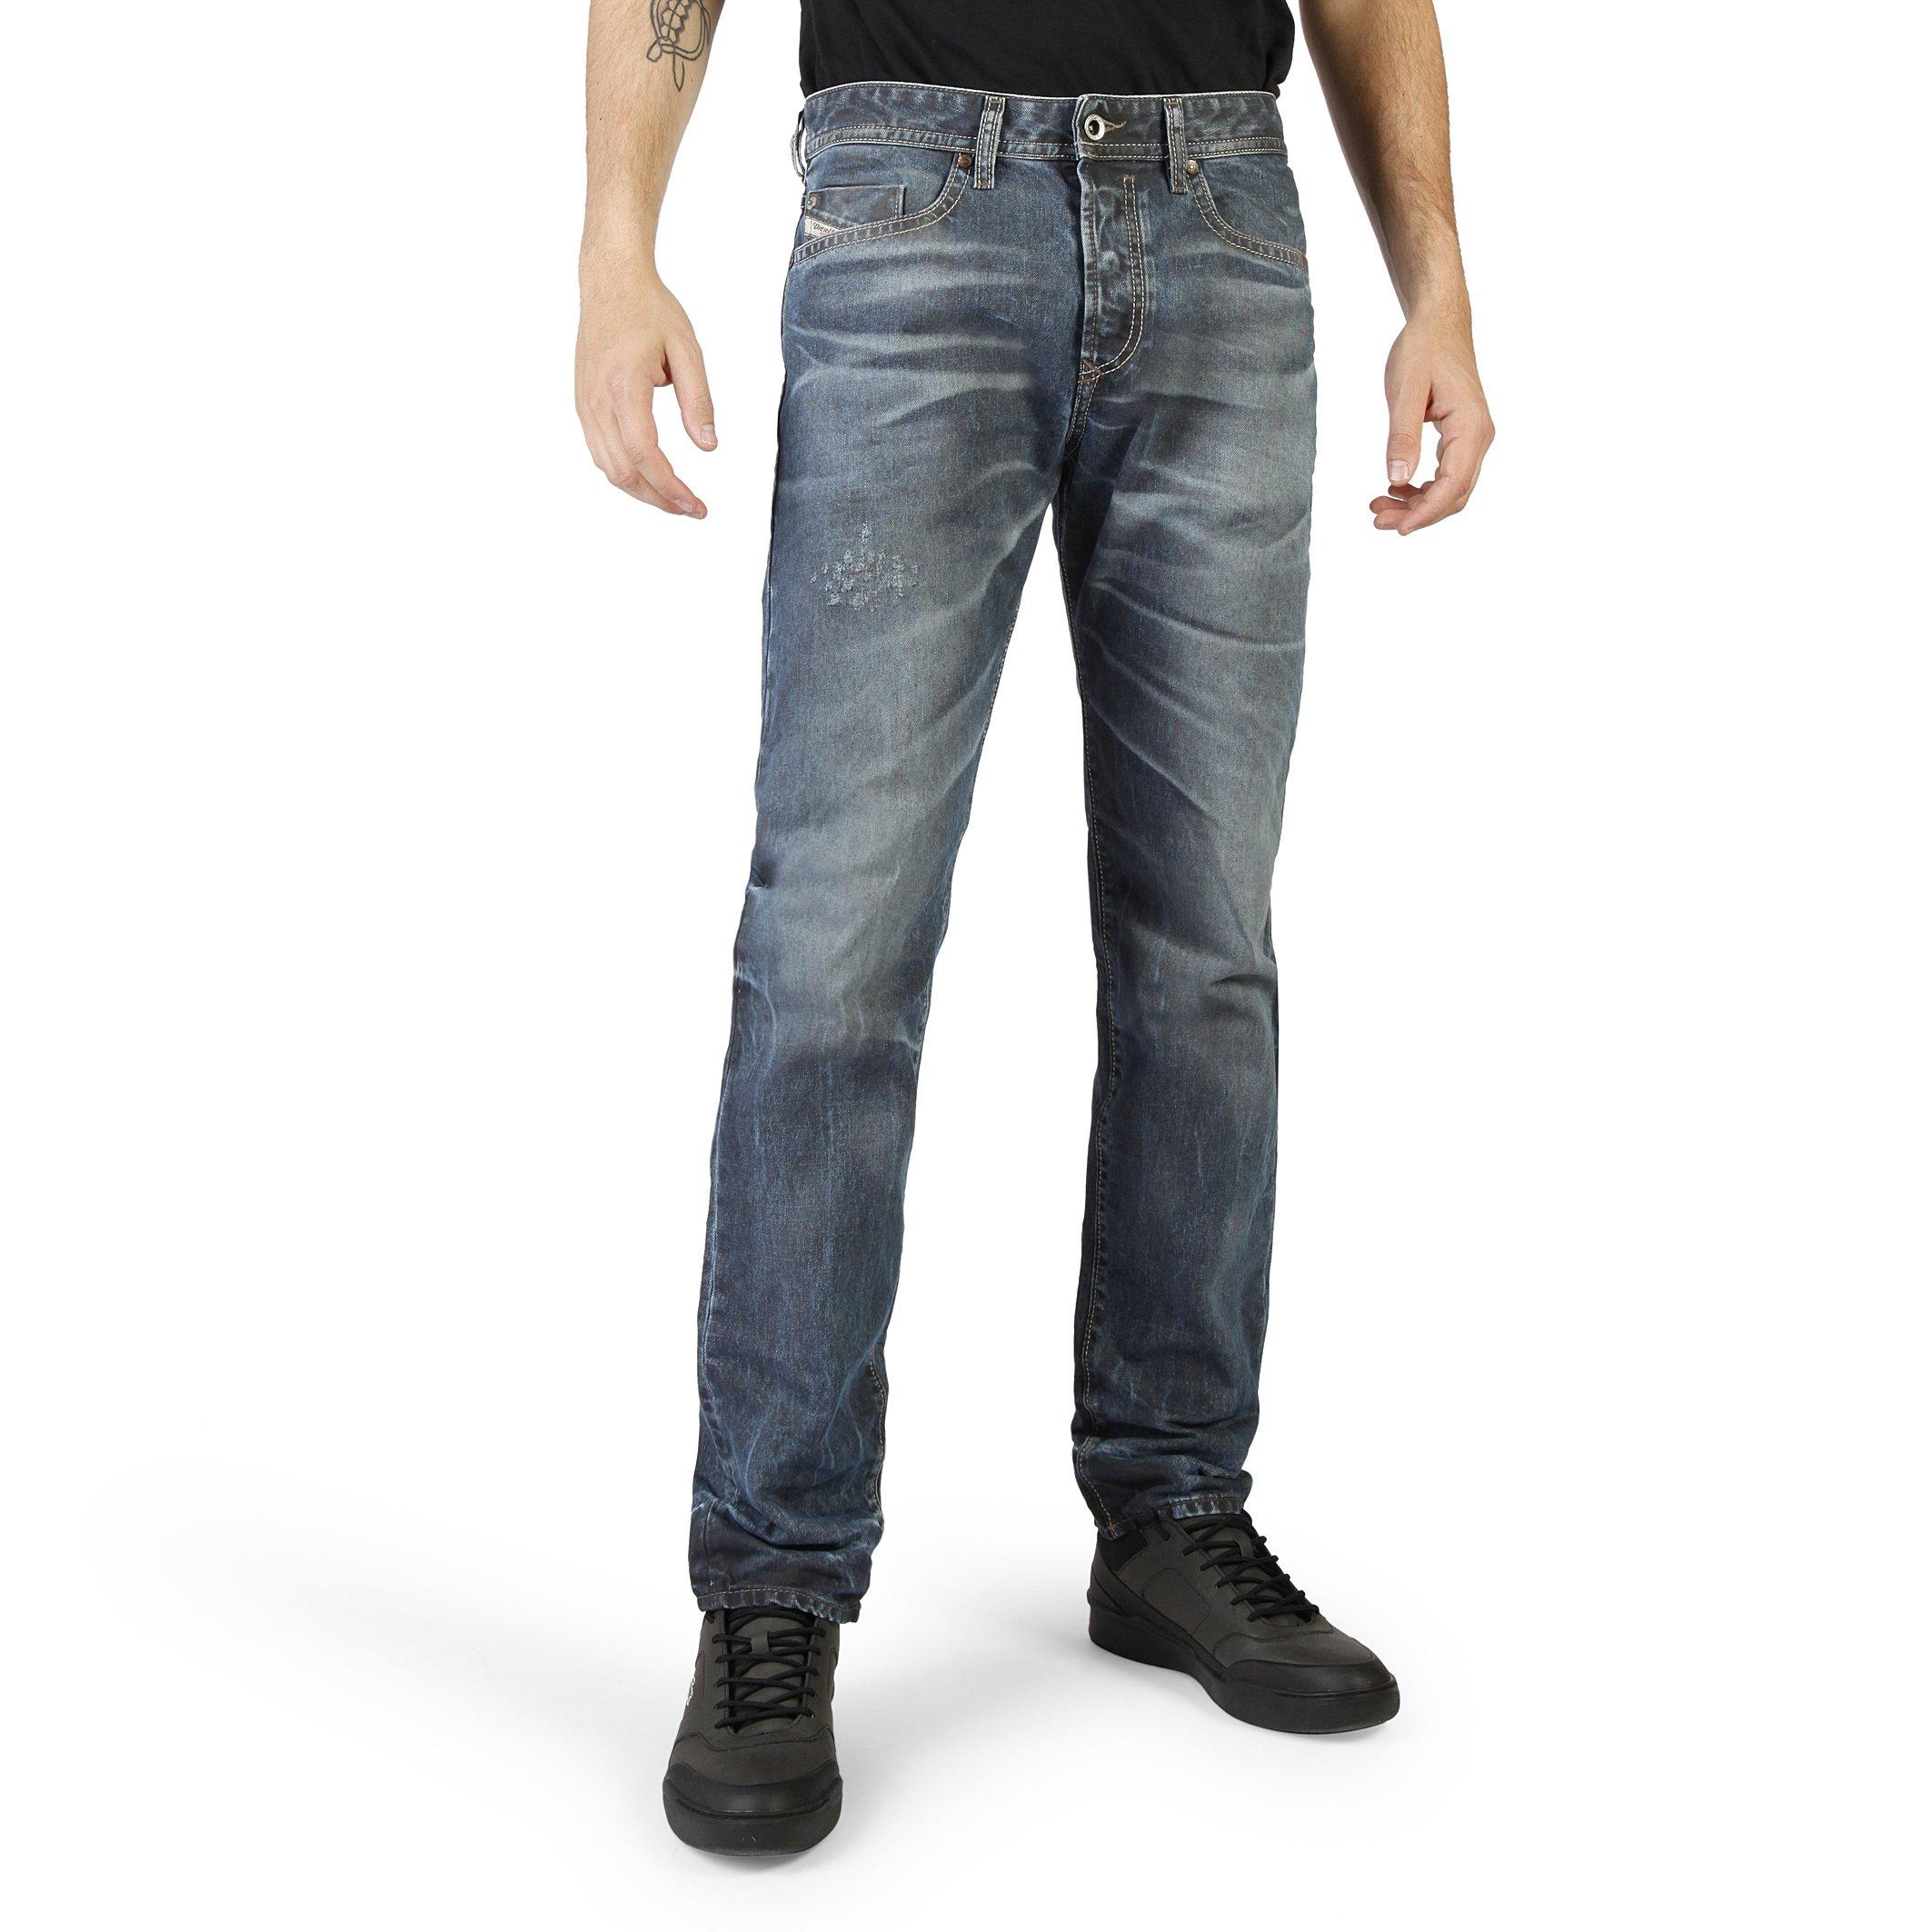 Diesel Men's Jeans Various Colours BUSTER_L32_00SDHB - blue-2 27